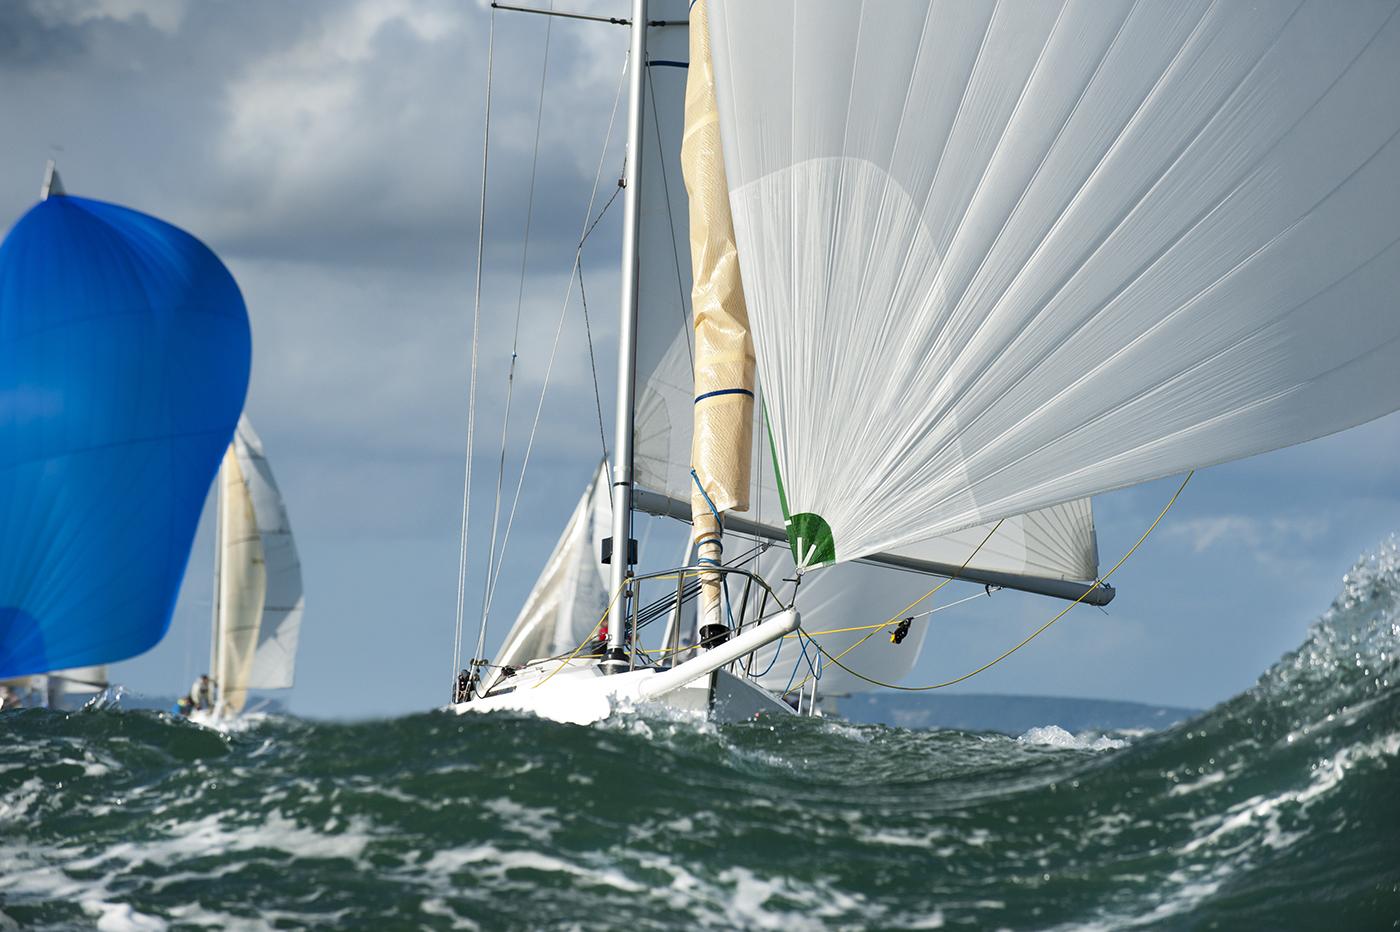 Des voiliers voguant sur une mer agitée (Shutterstock)